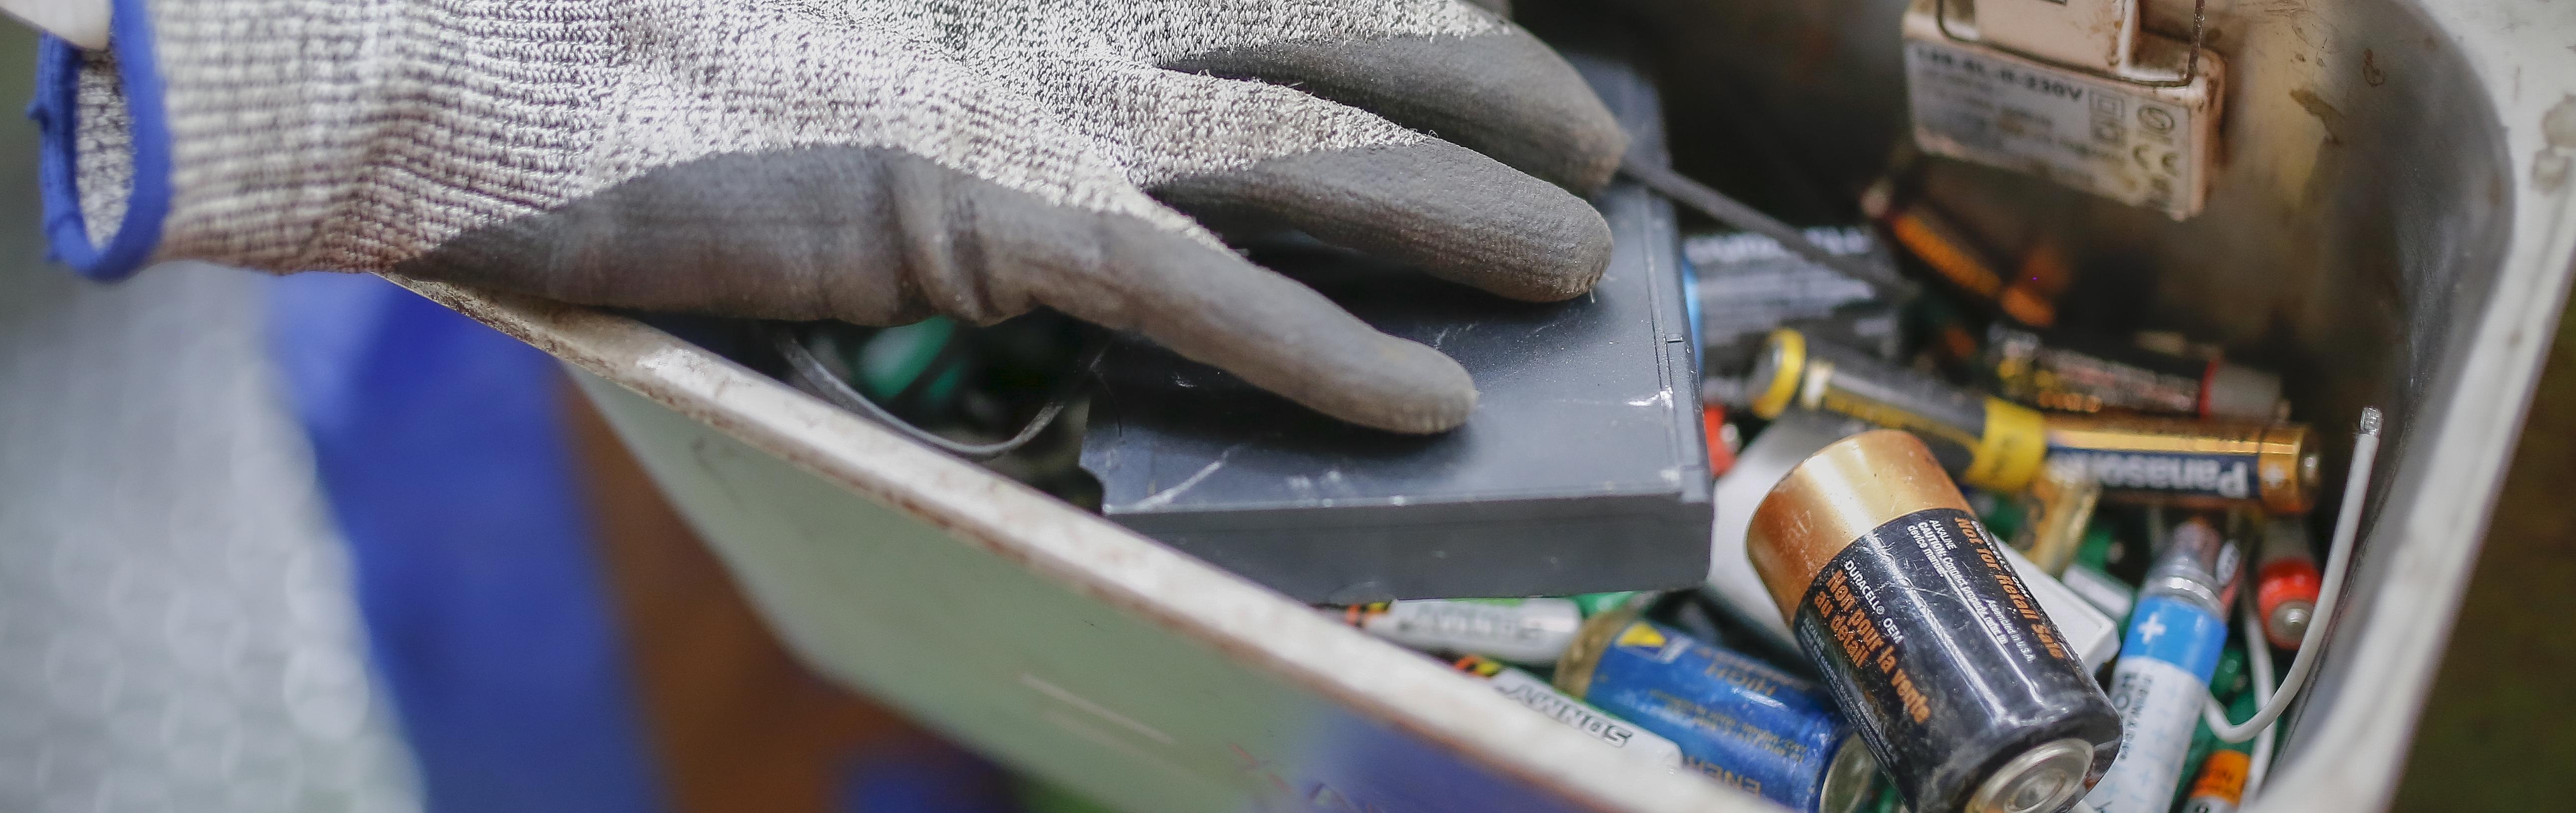 45 Toneladas De Pilhas E Baterias Recolhidas Pelo Electrão Em Plena Pandemia